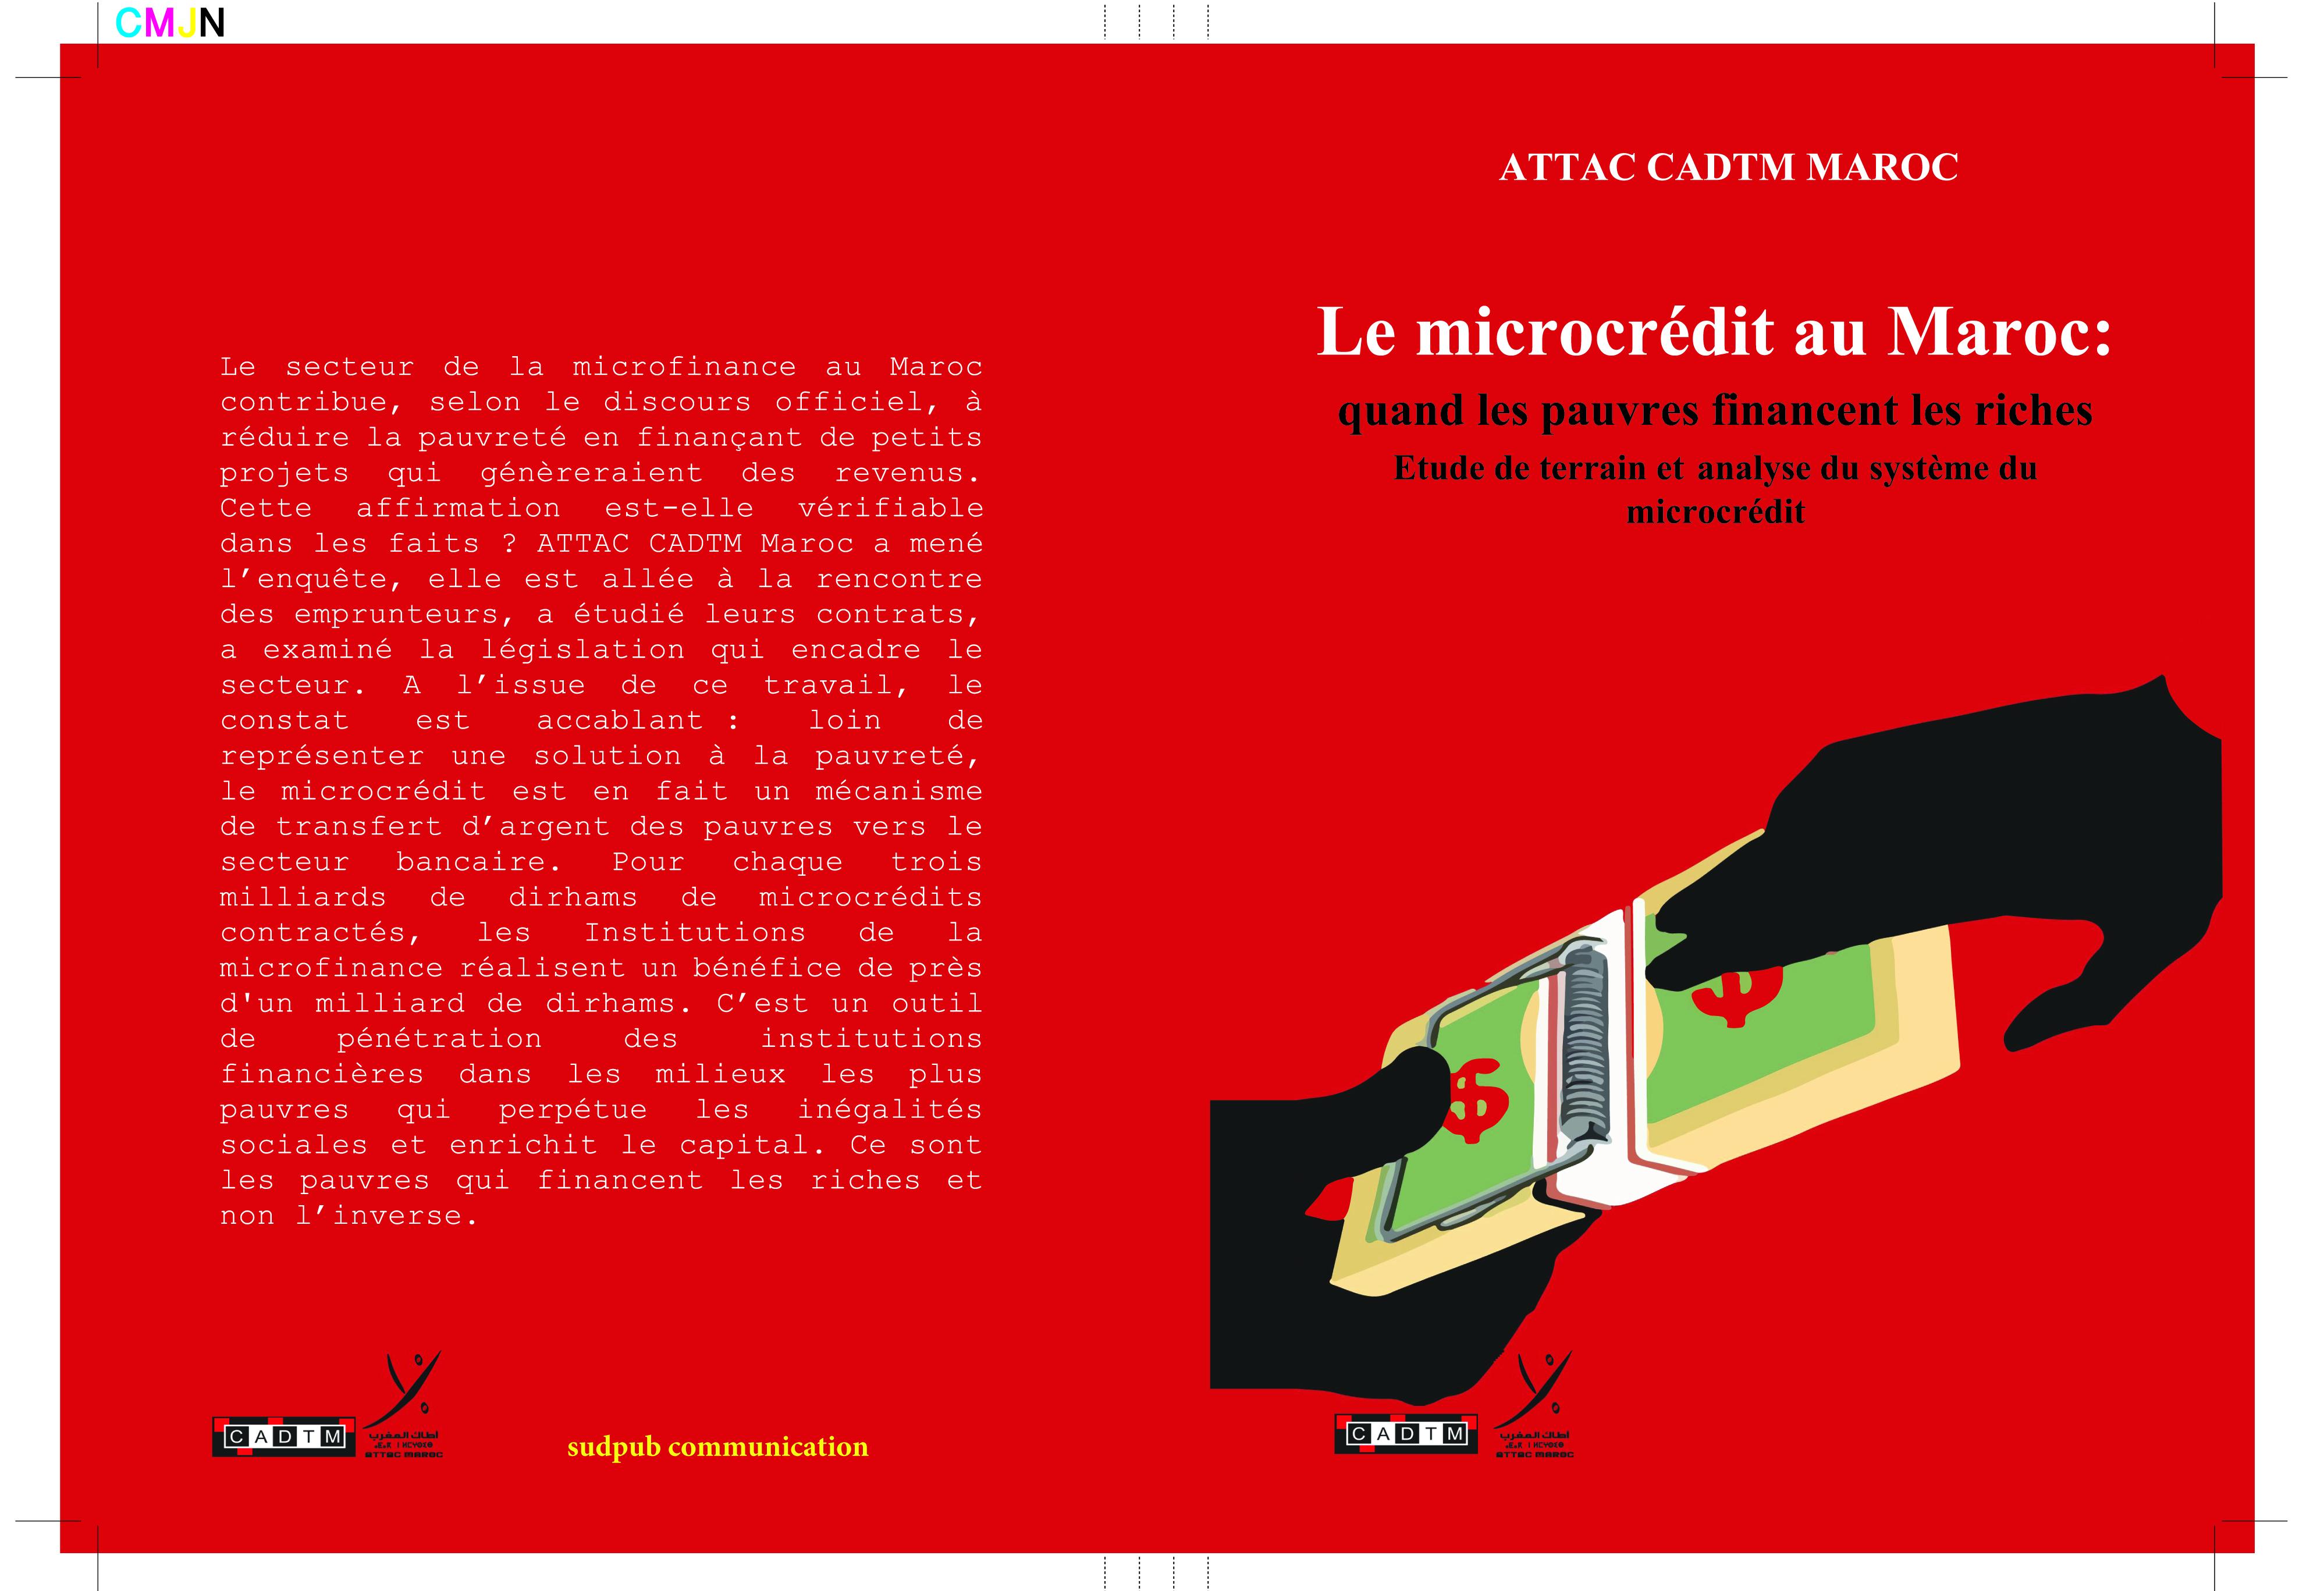 Le microcrédit au Maroc : quand les pauvres financent les riches Etude de terrain et analyse du système du microcrédit